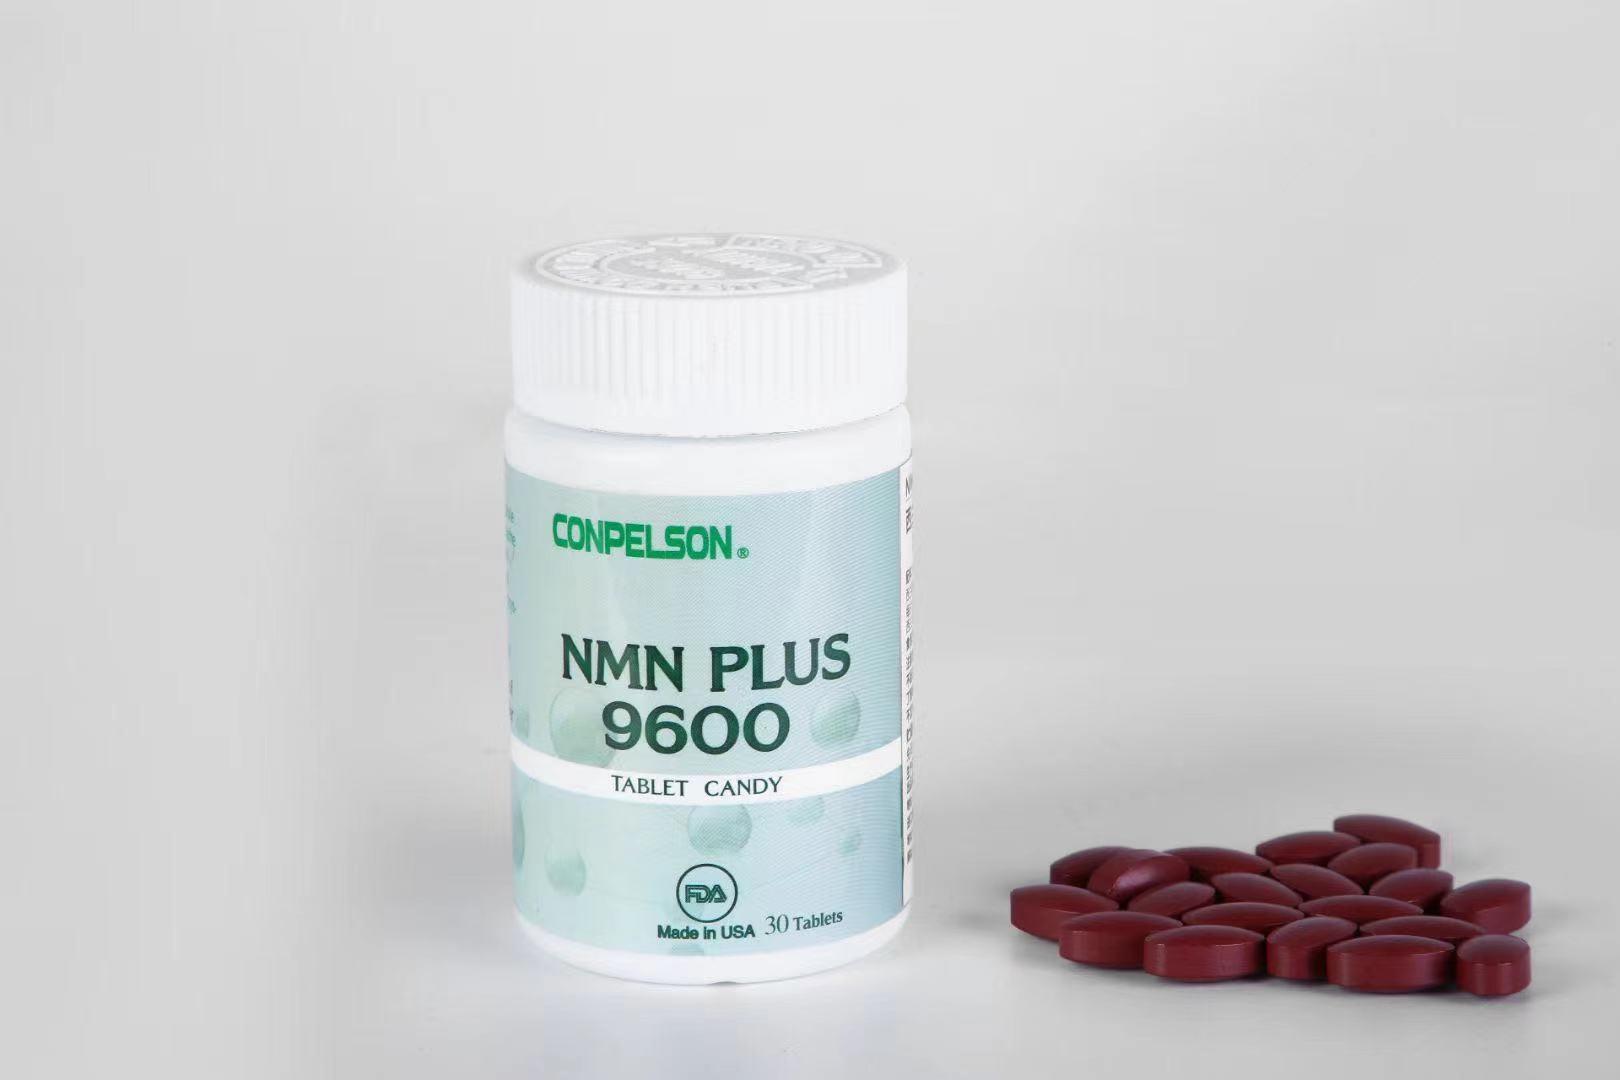 NMN PLUS 9600